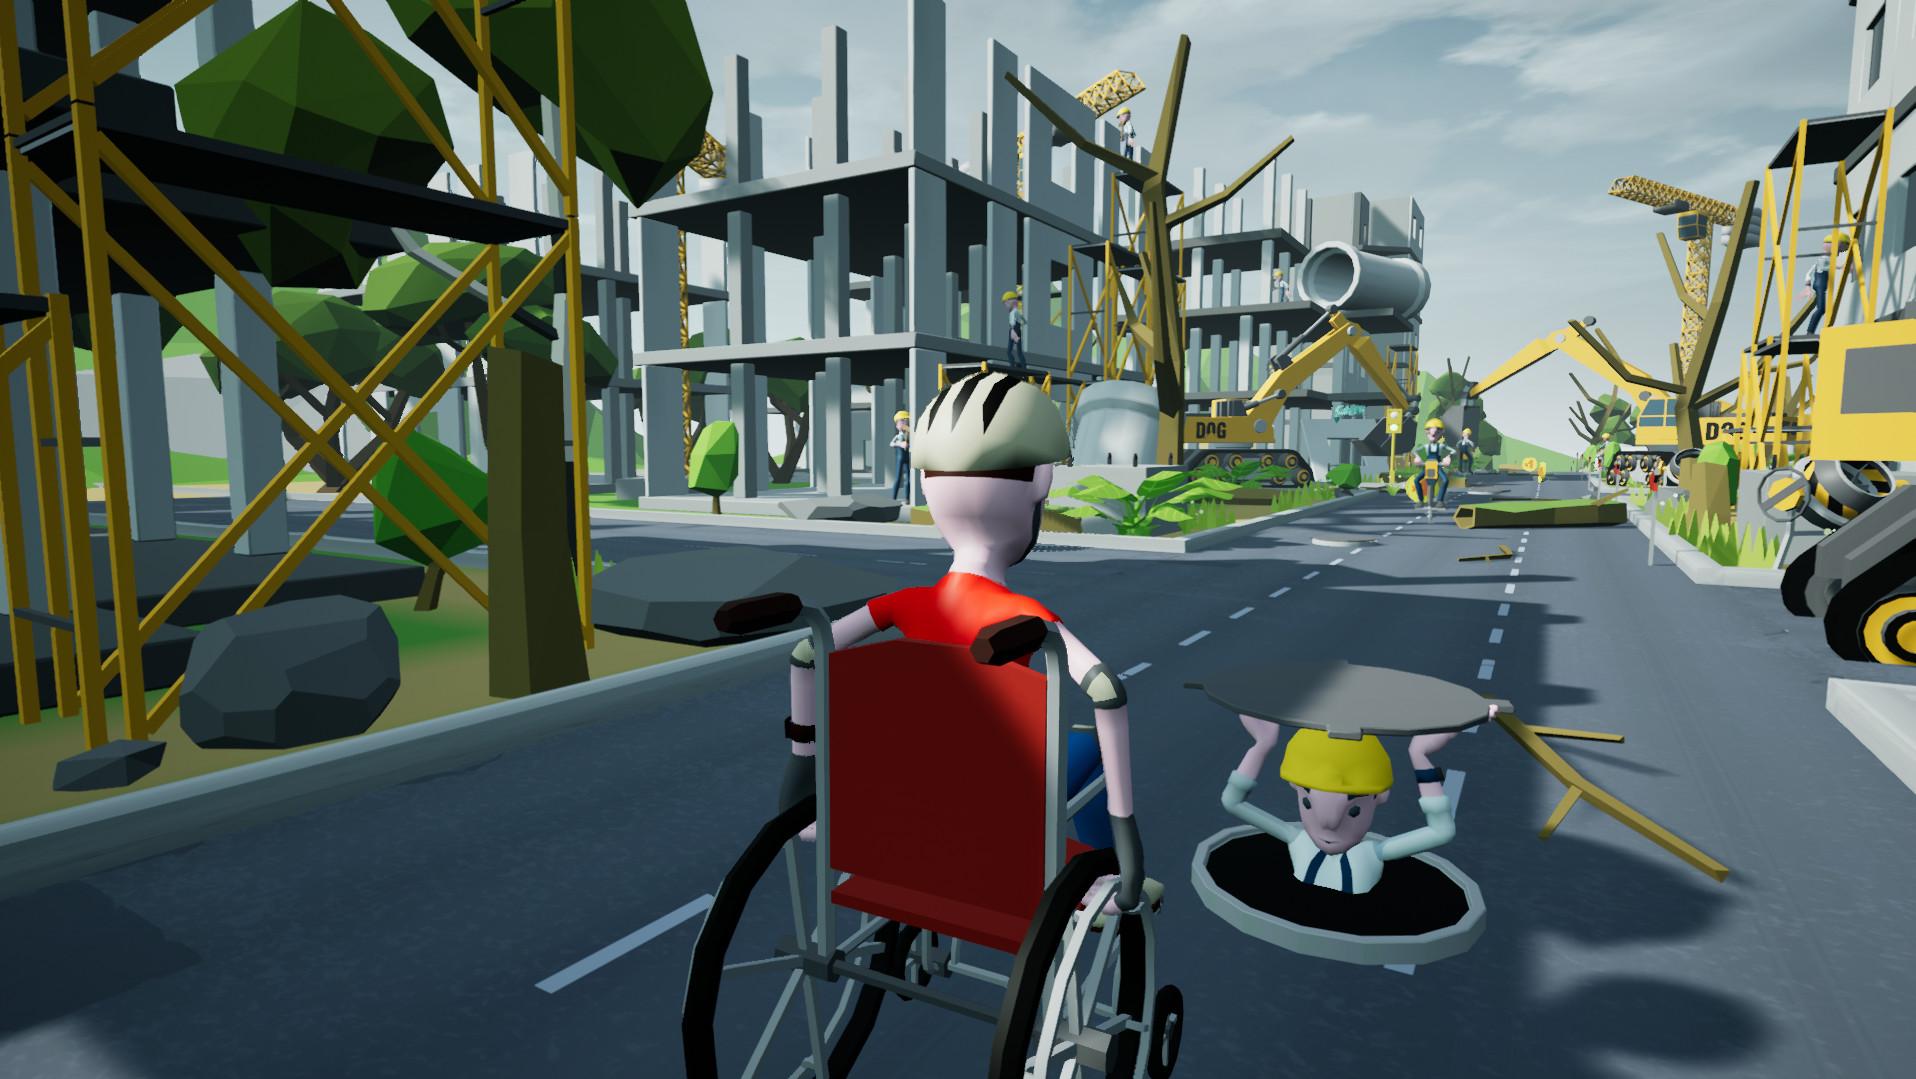 《轮椅模拟器》Wheelchair Simulator洋文版